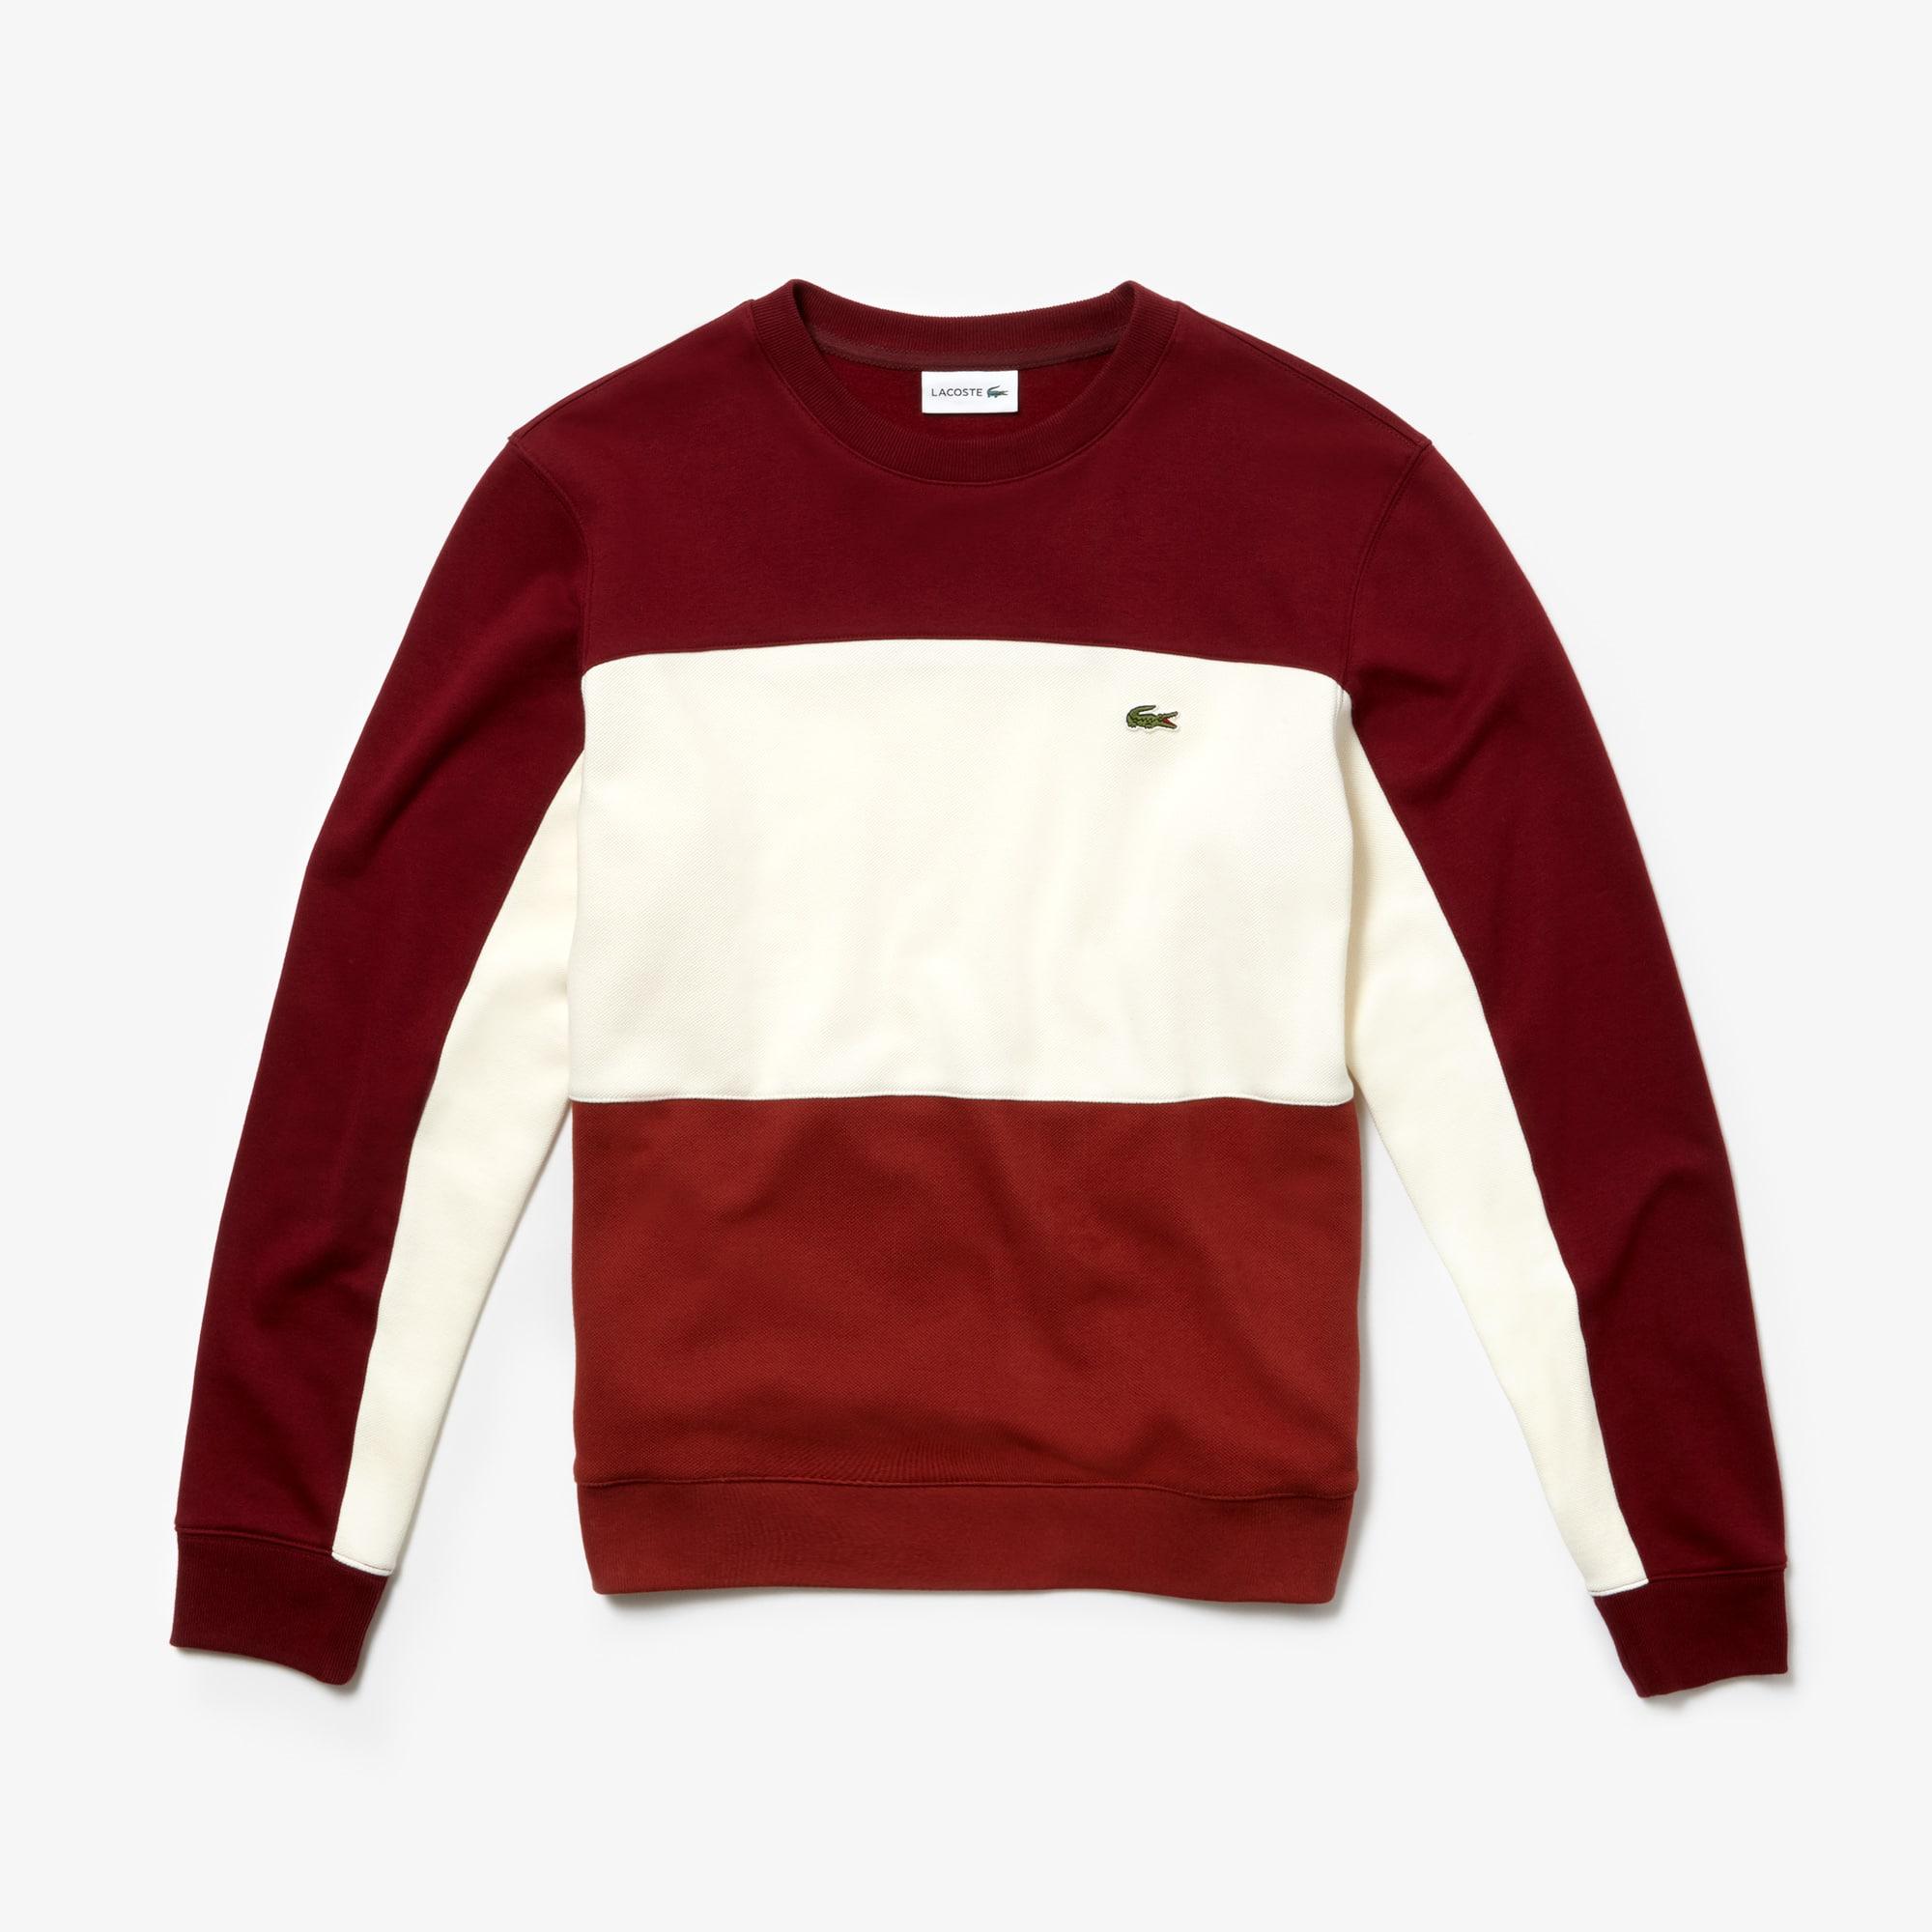 라코스테 Lacoste Mens Crew Neck Colorblock Pique Fleece Sweatshirt,brown / white / bordeaux